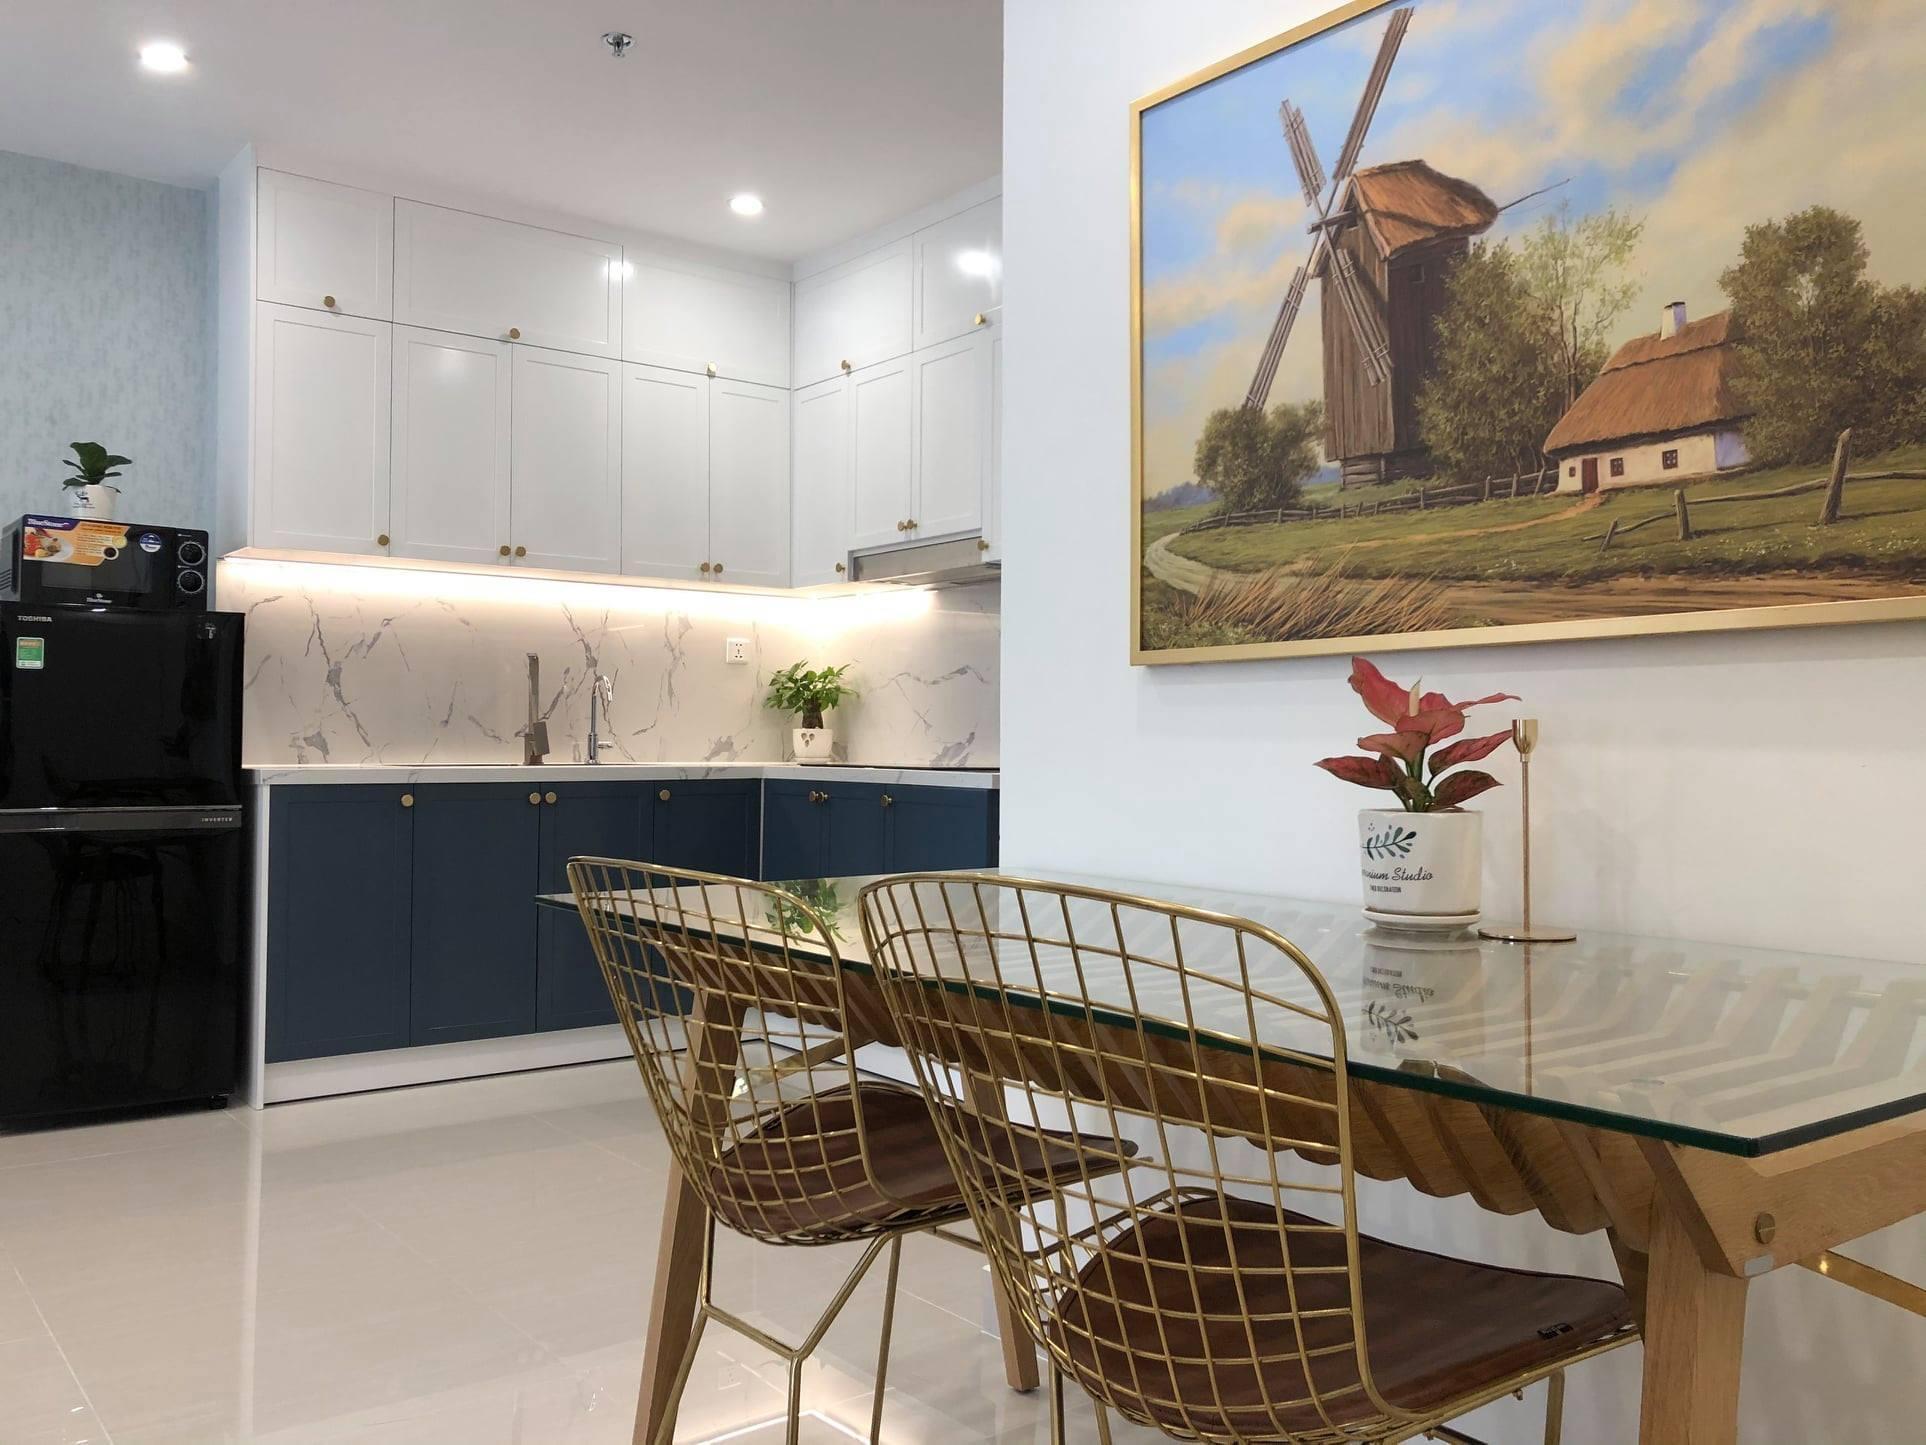 Cho thuê căn 1 phòng ngủ 47m2 toà S1.06 Vinhomes Grand Park 6tr 7